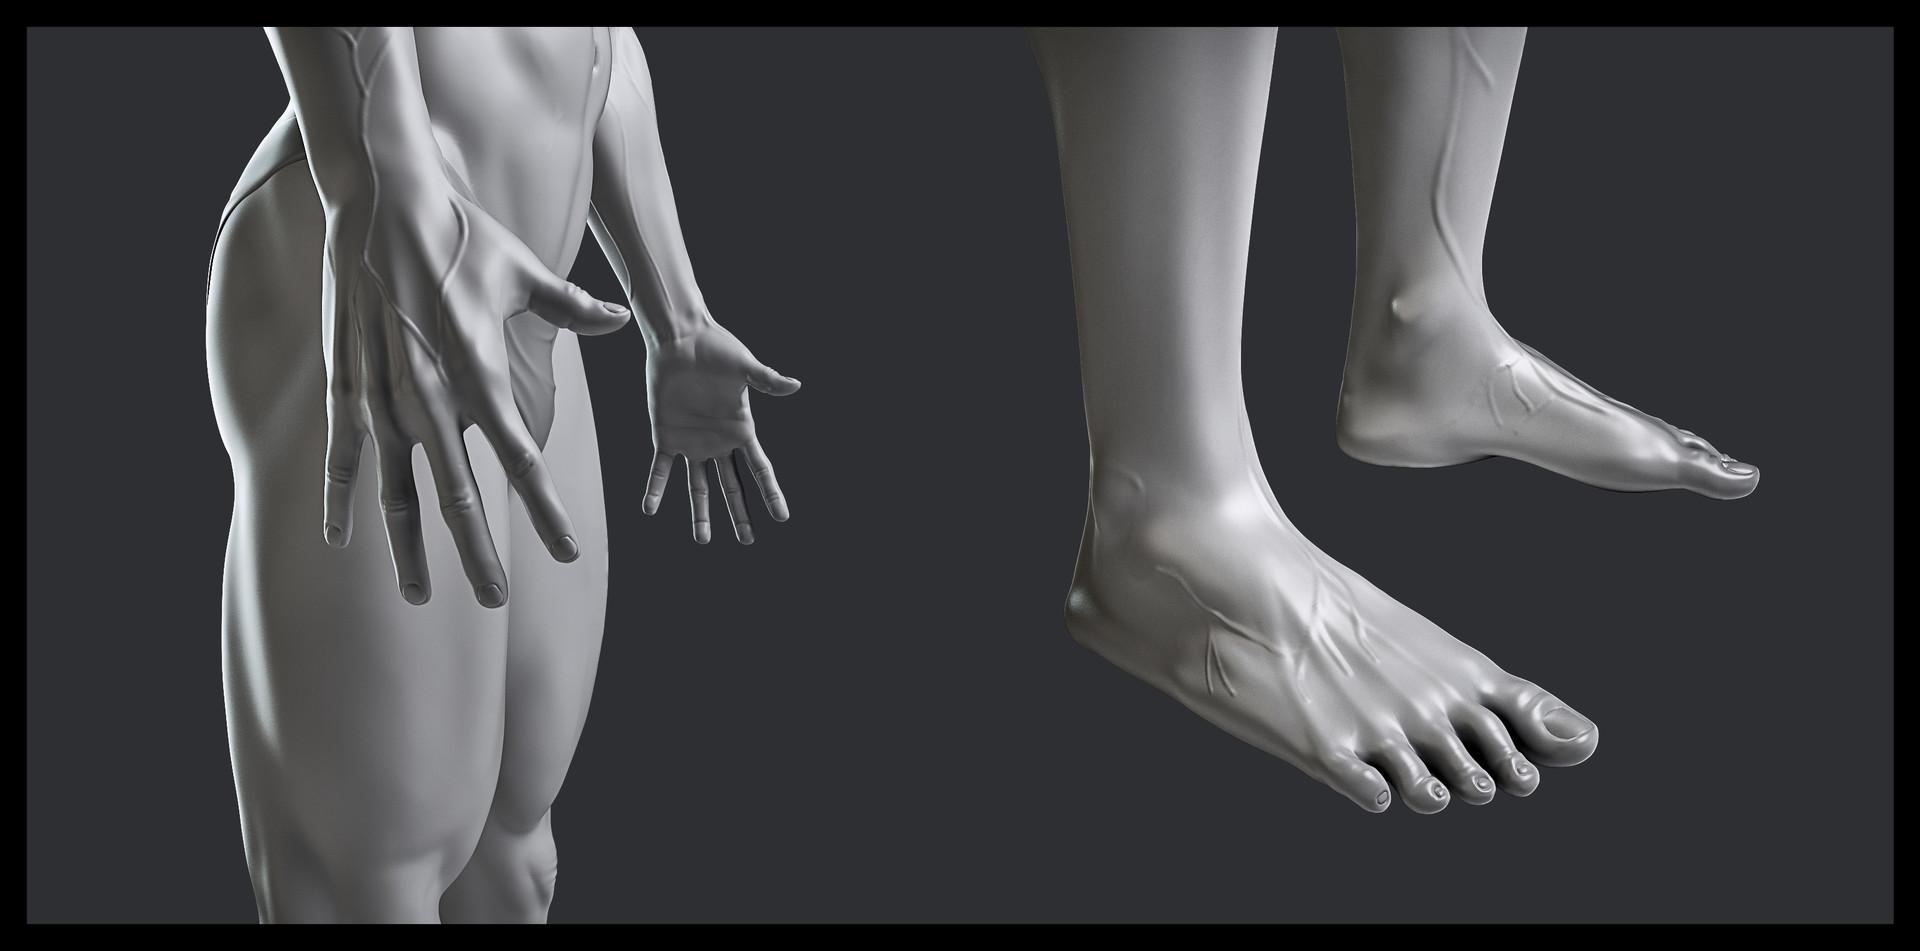 Husni qamhiyeh estudio anatomia detalle02